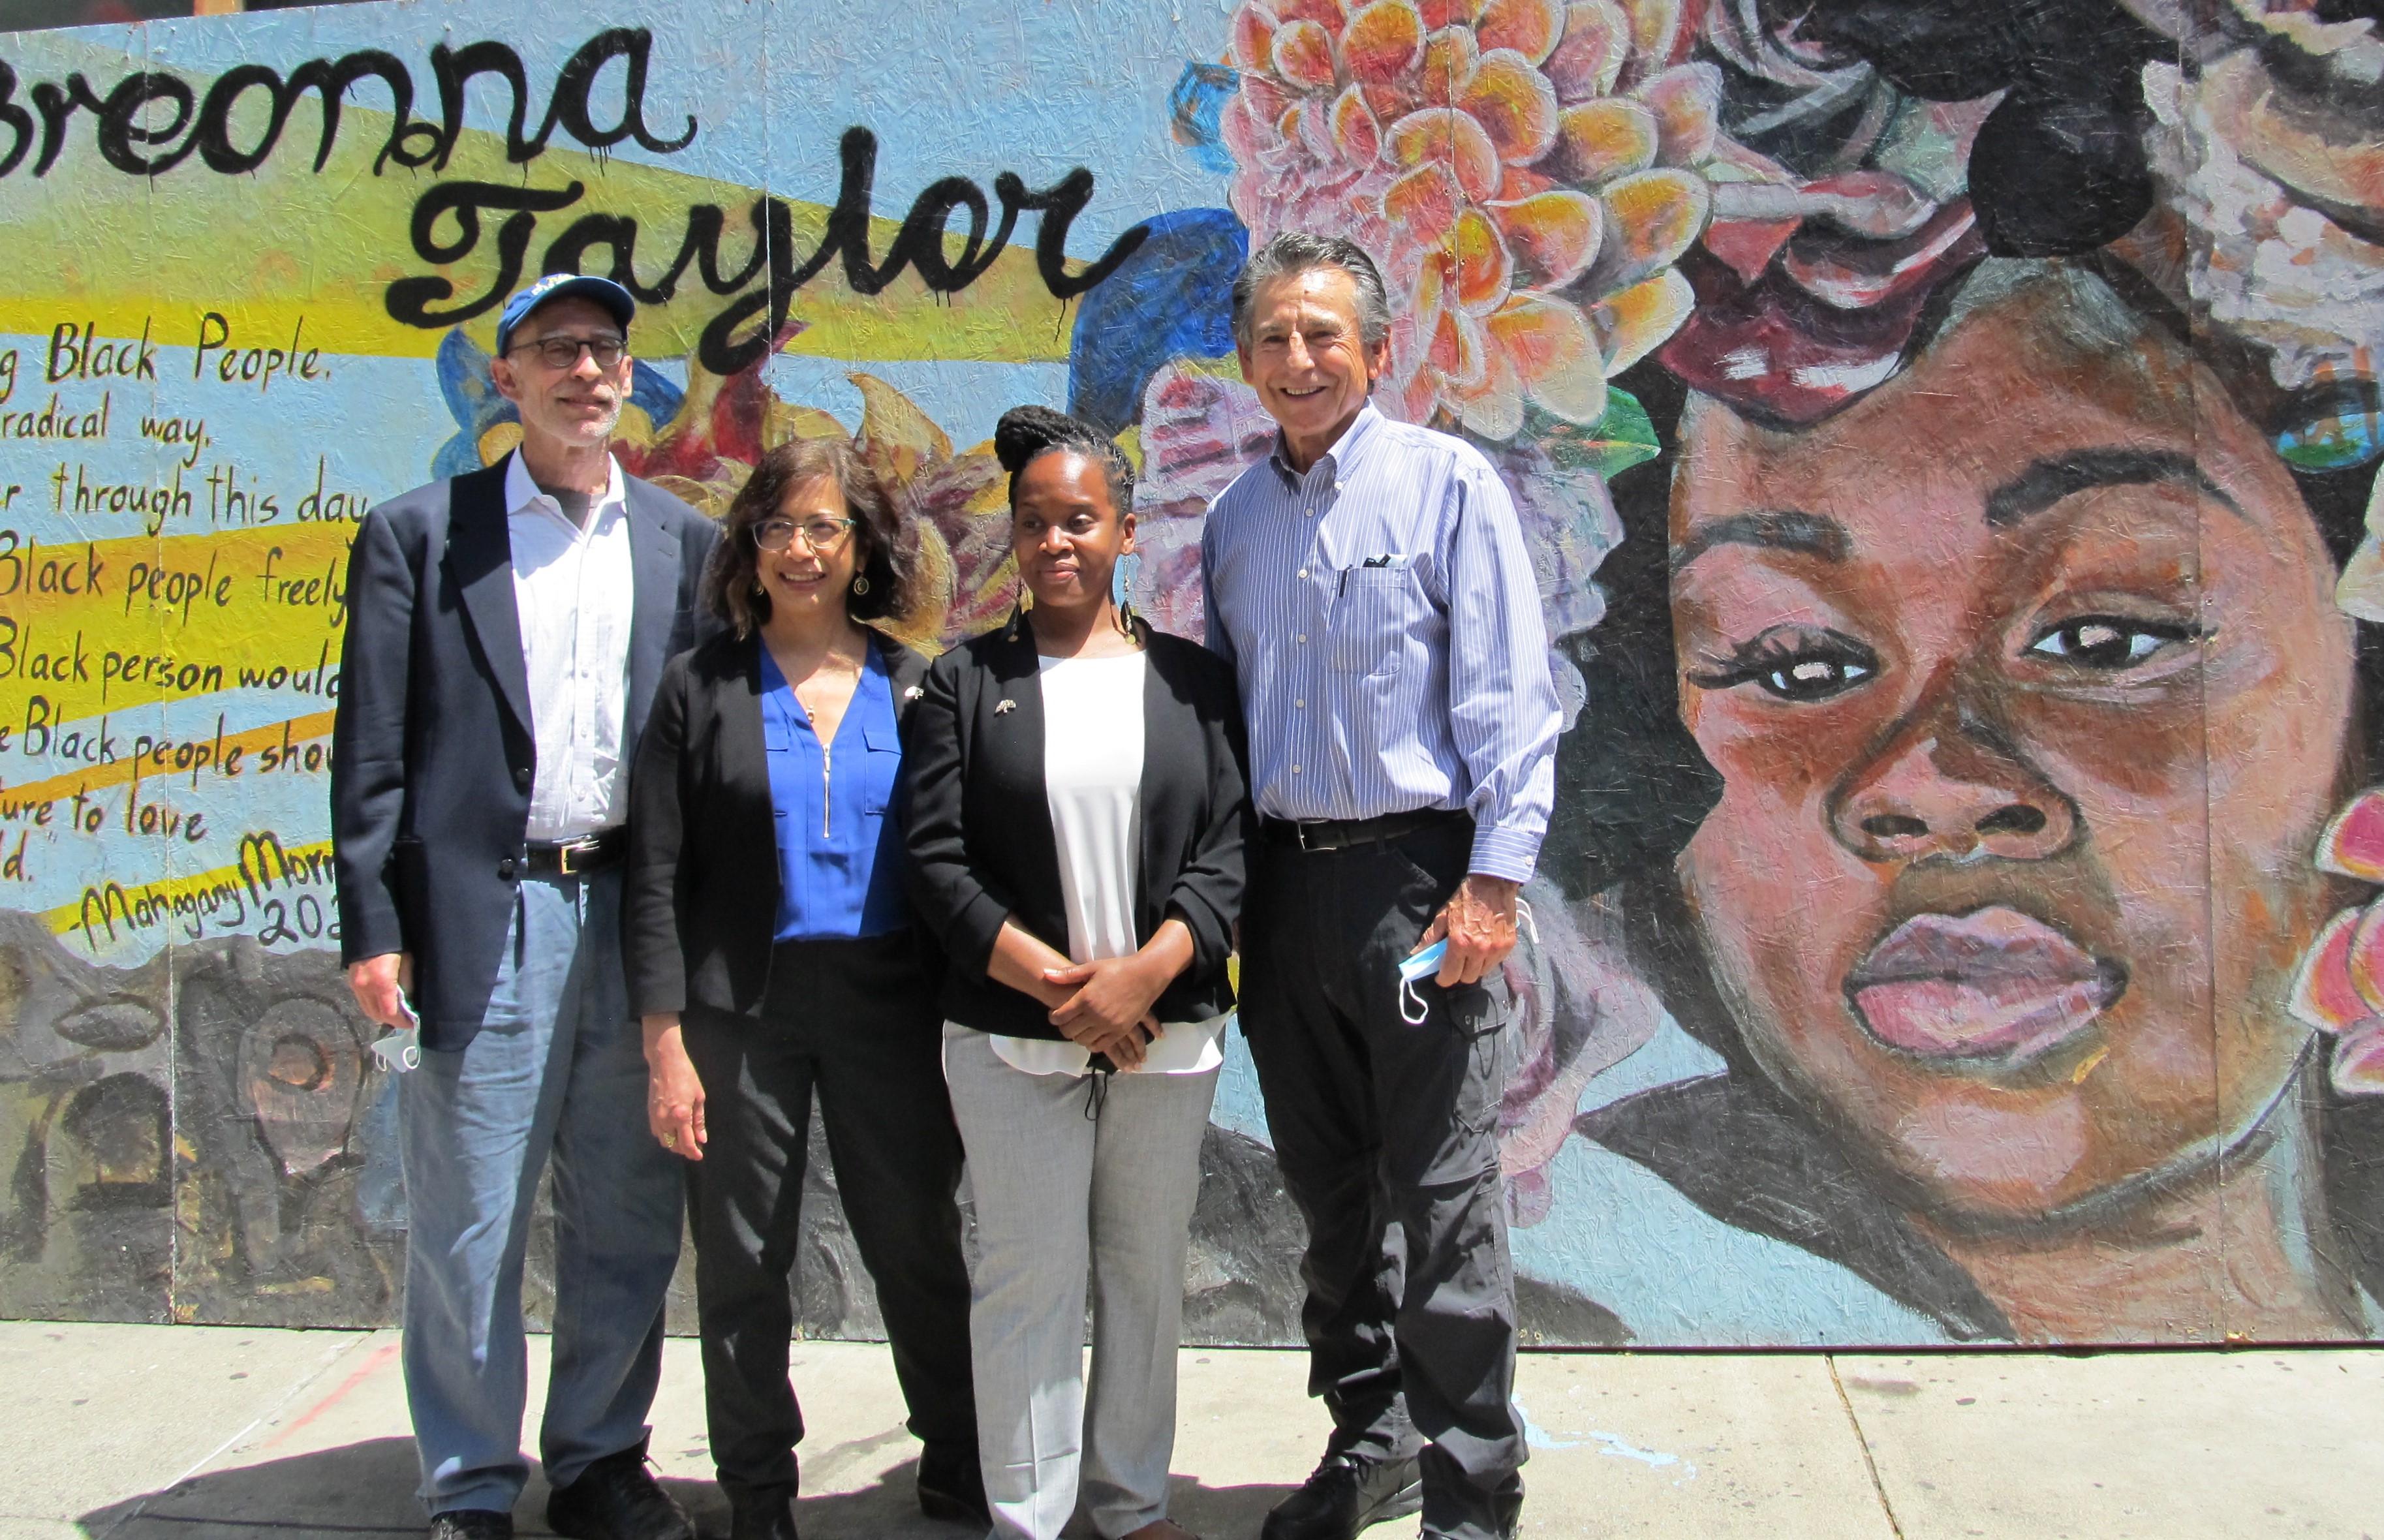 Oakland evitaría la falta de vivienda y crearía buenos empleos